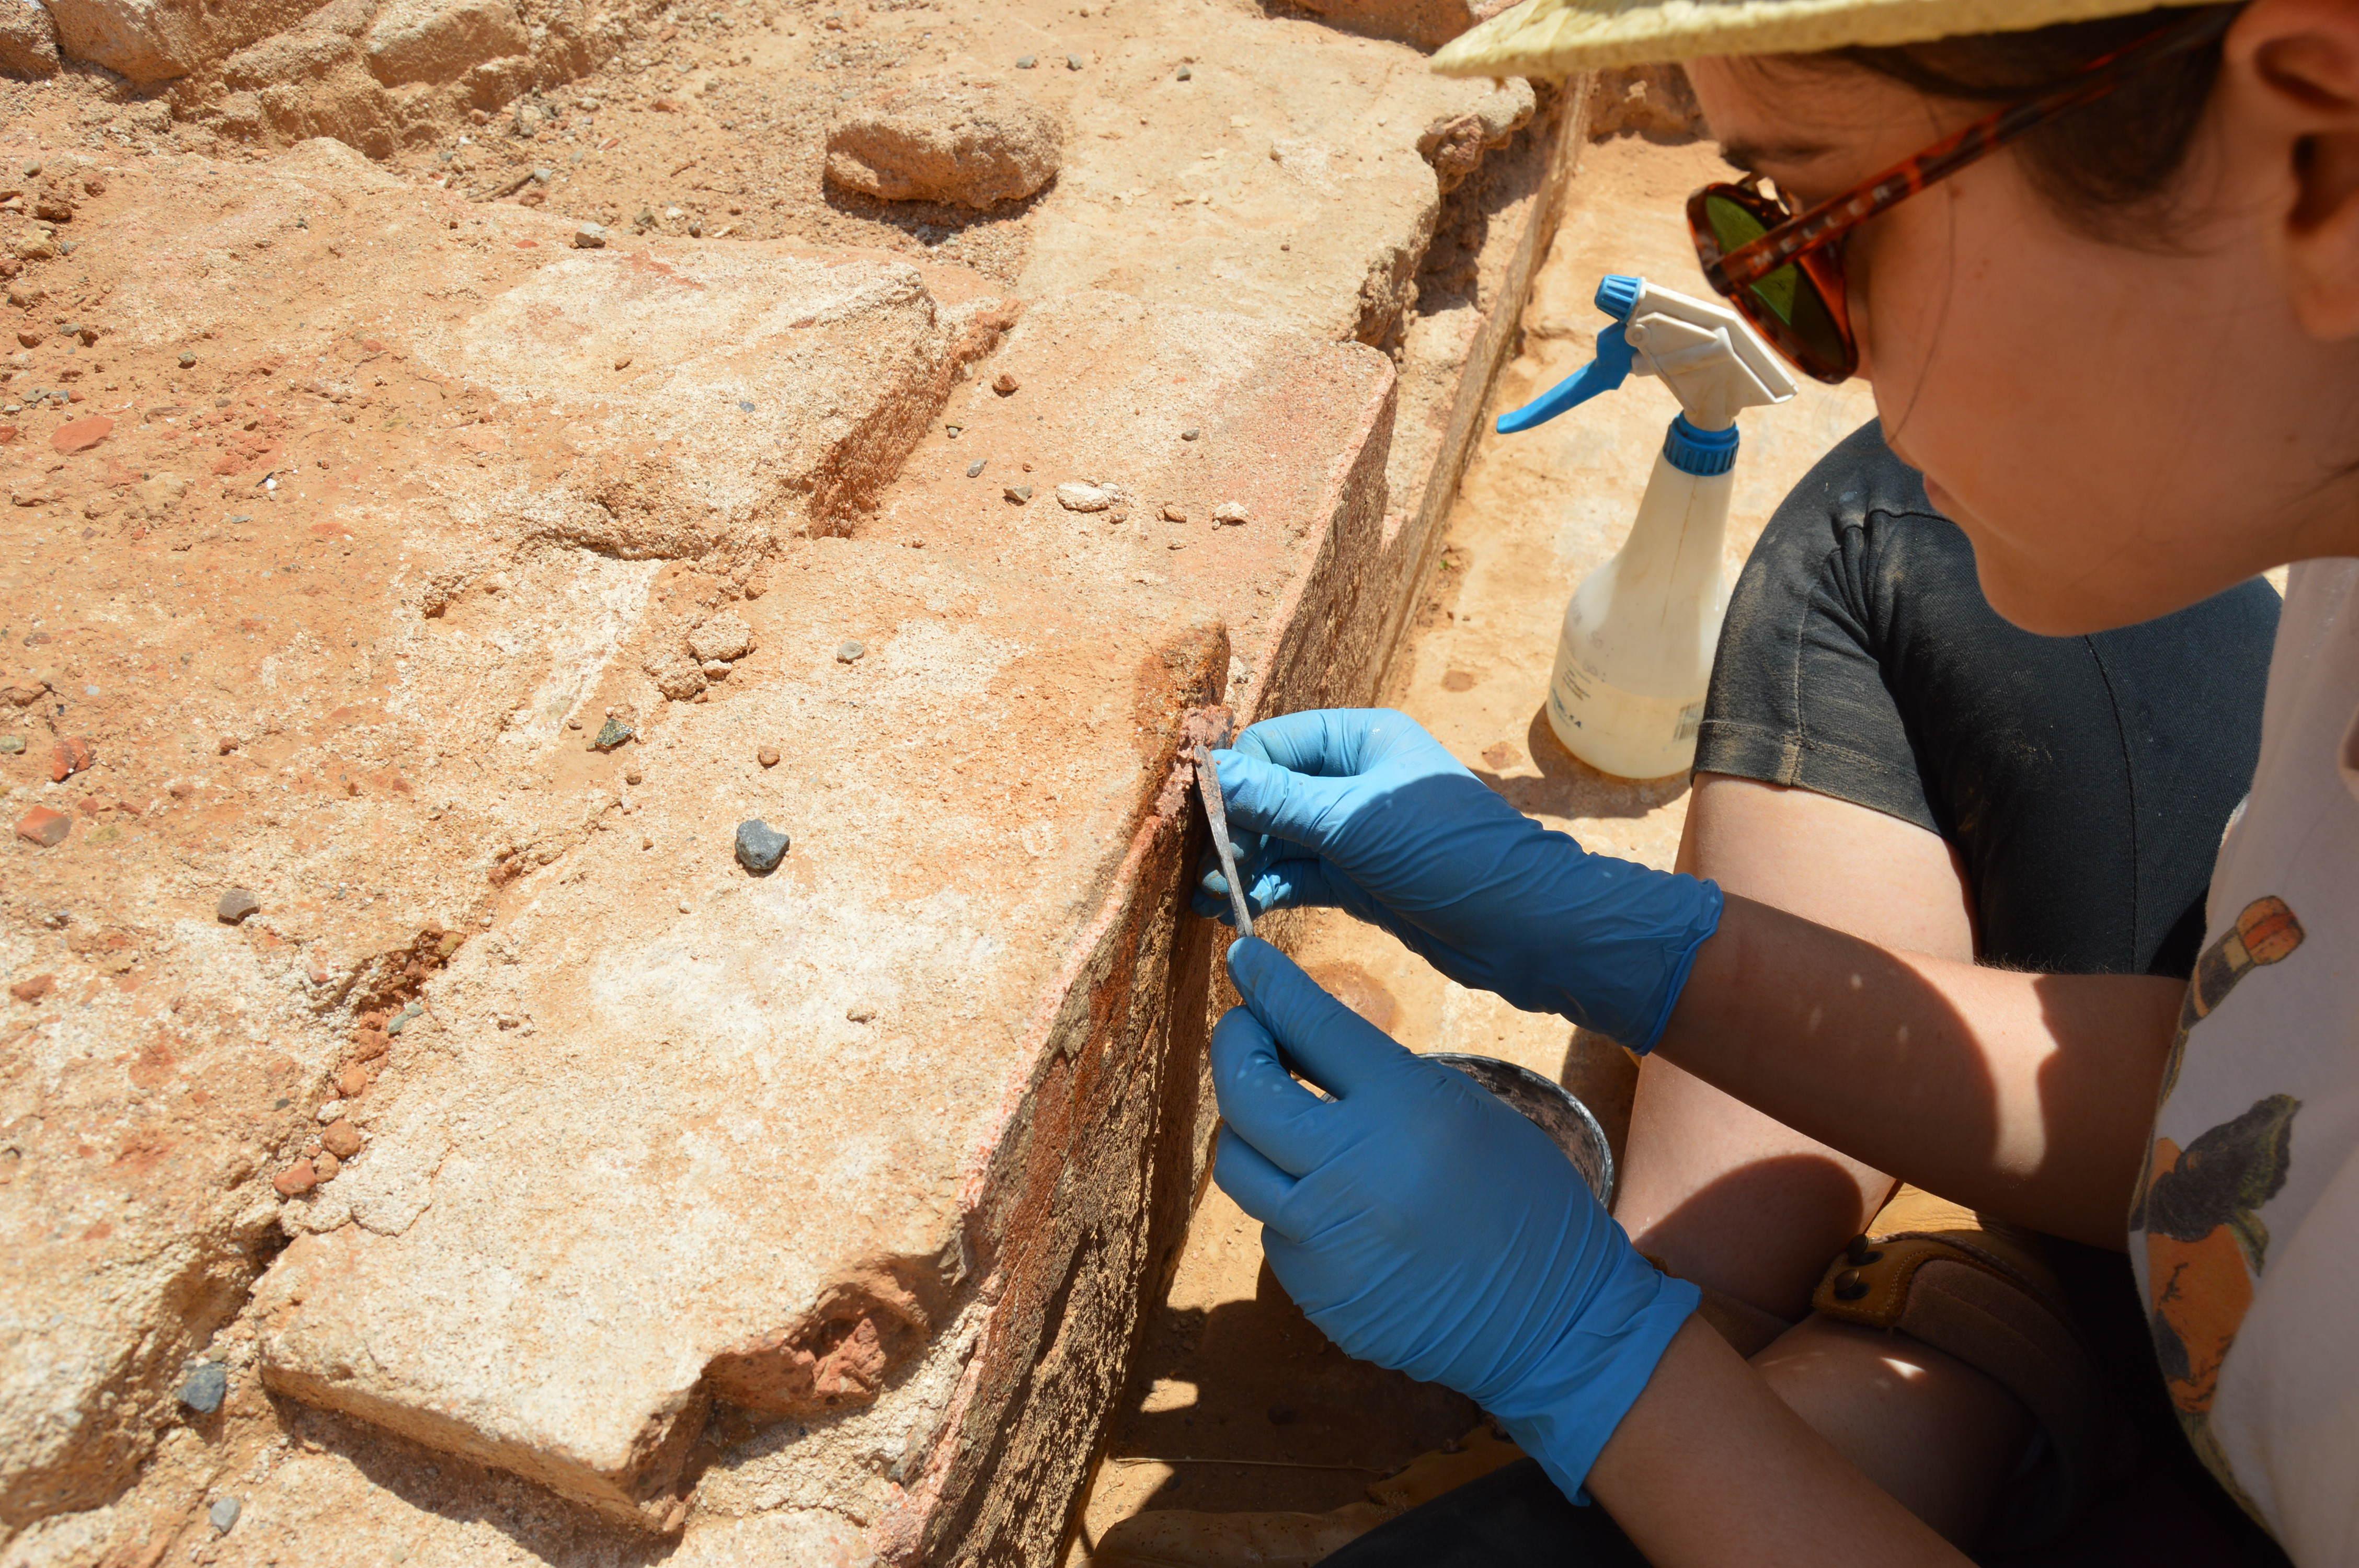 Consolidació –mitjançant aplicació de morter de calç– del revestiment d'un mur de la intervenció als Jardins de Victoria de los Ángeles. (Foto: Servei d'Arqueologia)